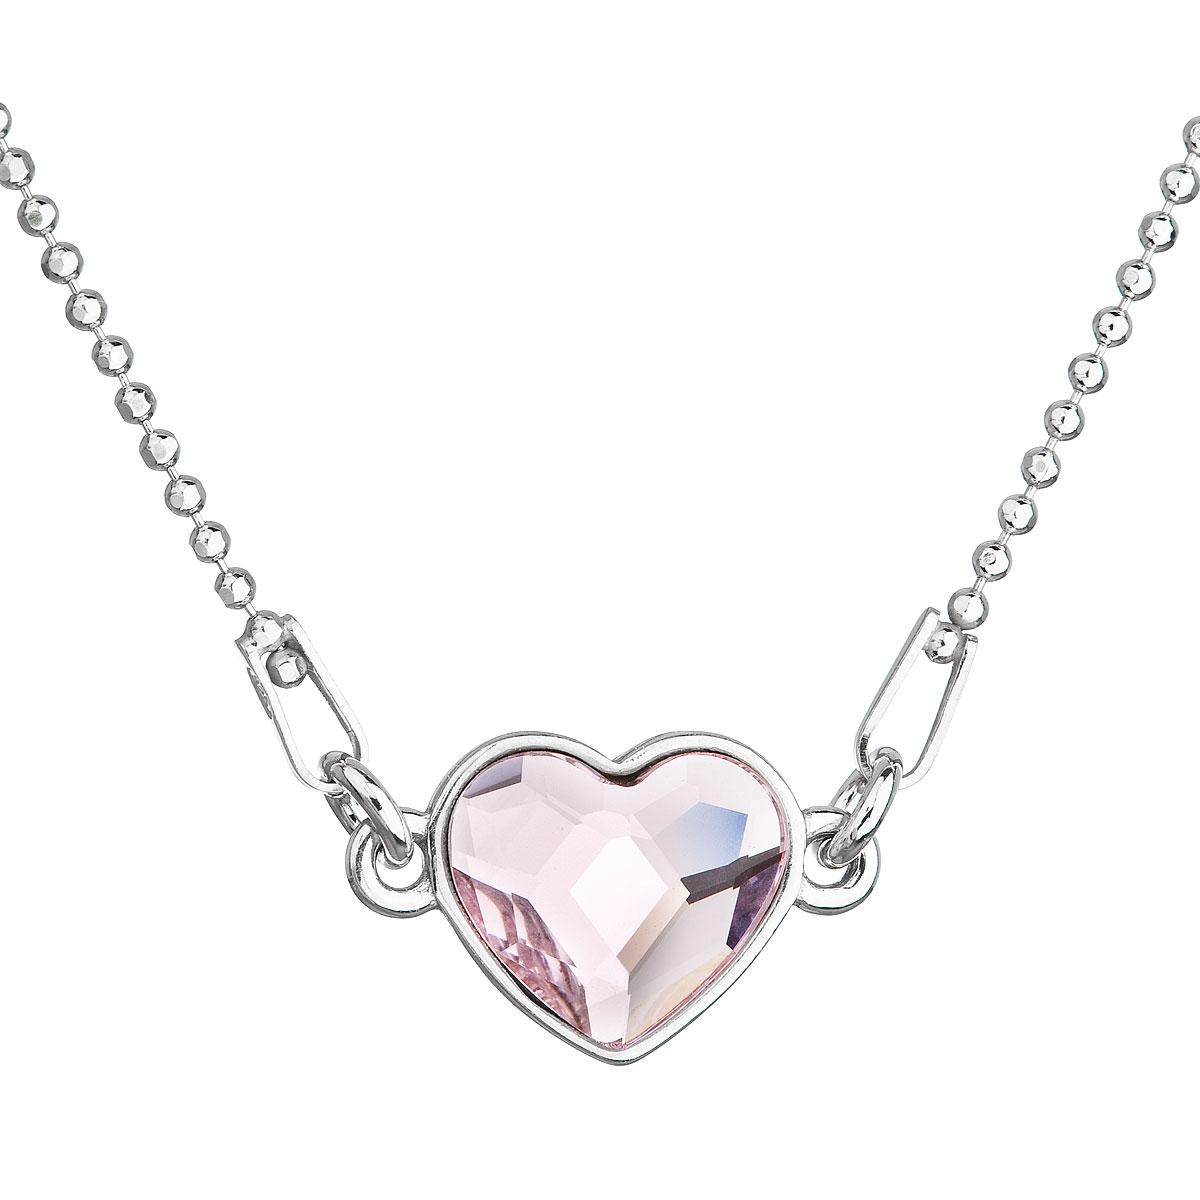 Evolution Group Stříbrný náhrdelník s krystalem Swarovski růžové srdce 32061.3